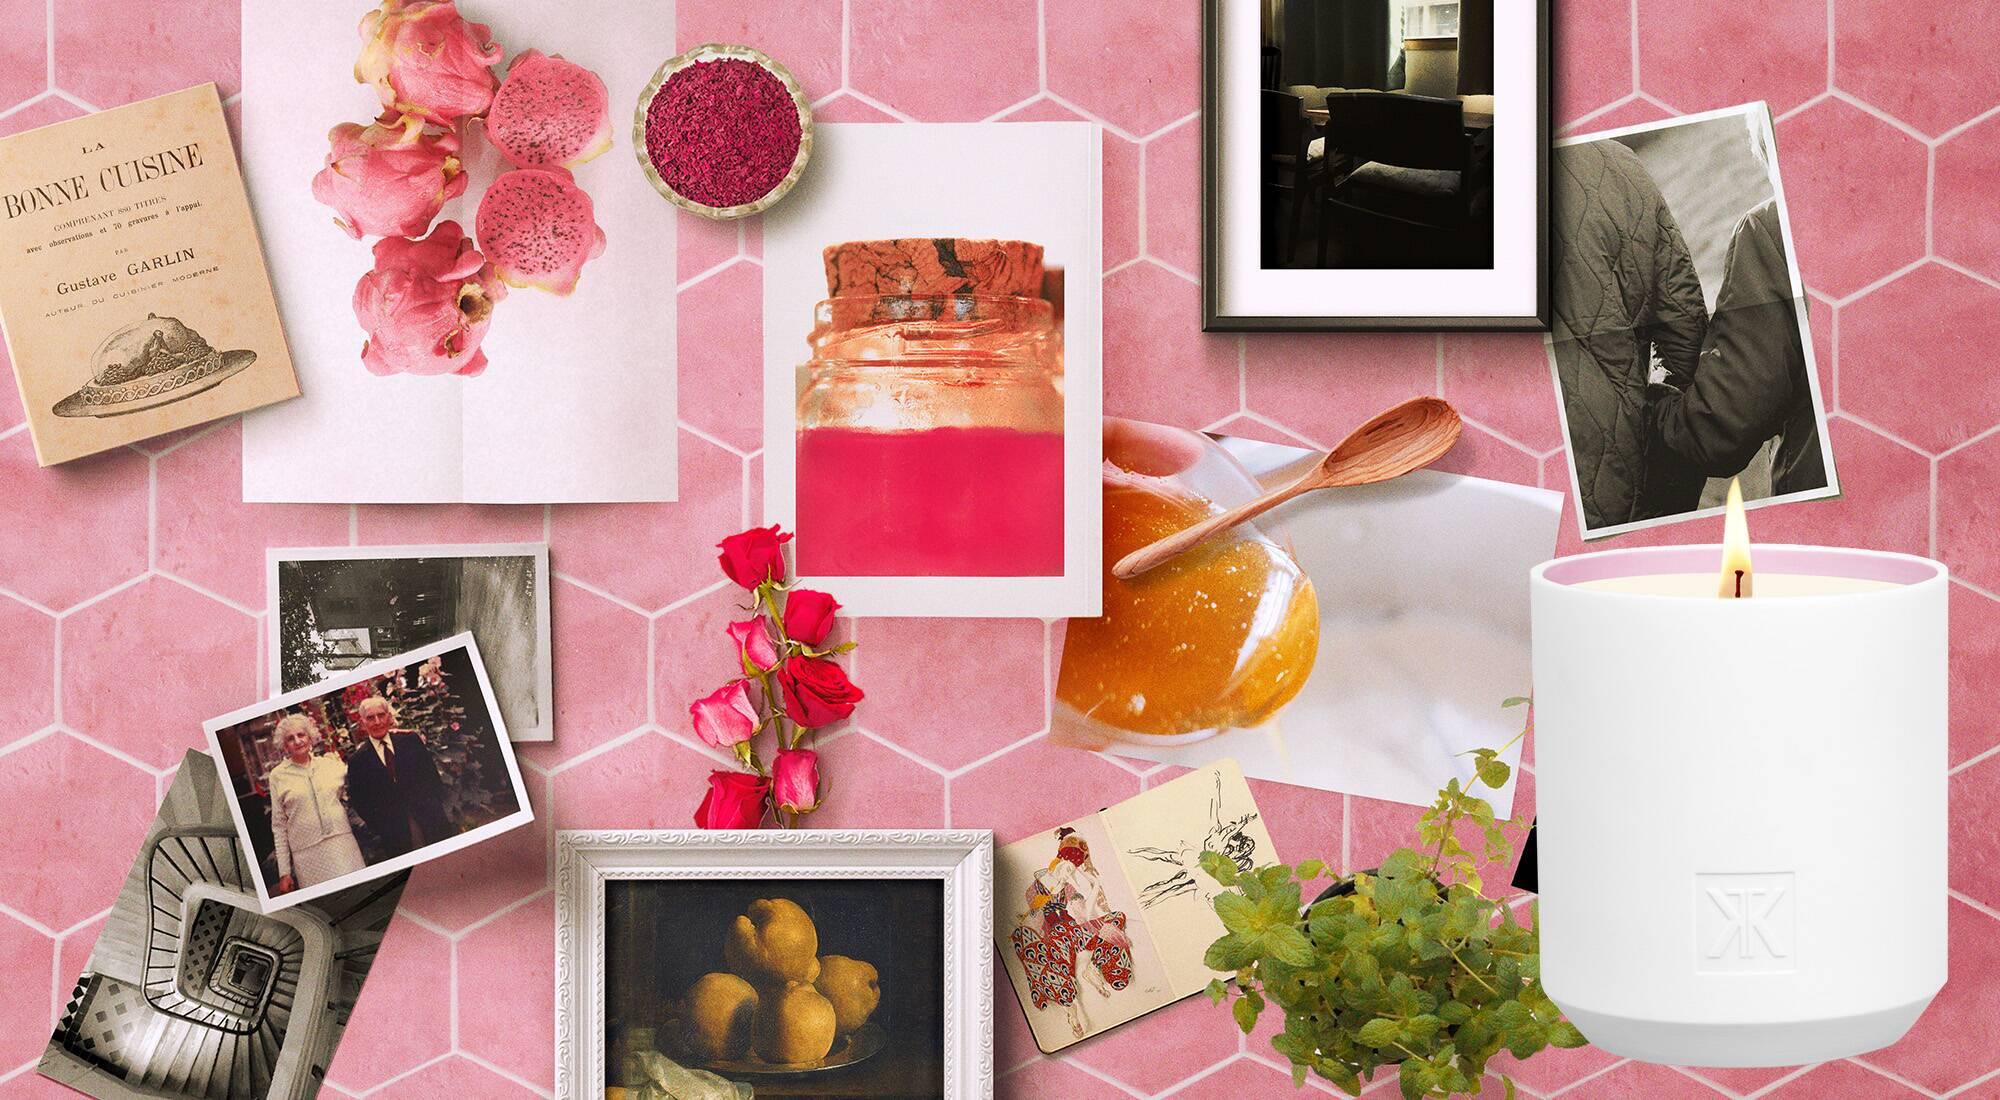 maison francis kurkdjian d voile les maisons de la maison sa nouvelle collection de bougies. Black Bedroom Furniture Sets. Home Design Ideas